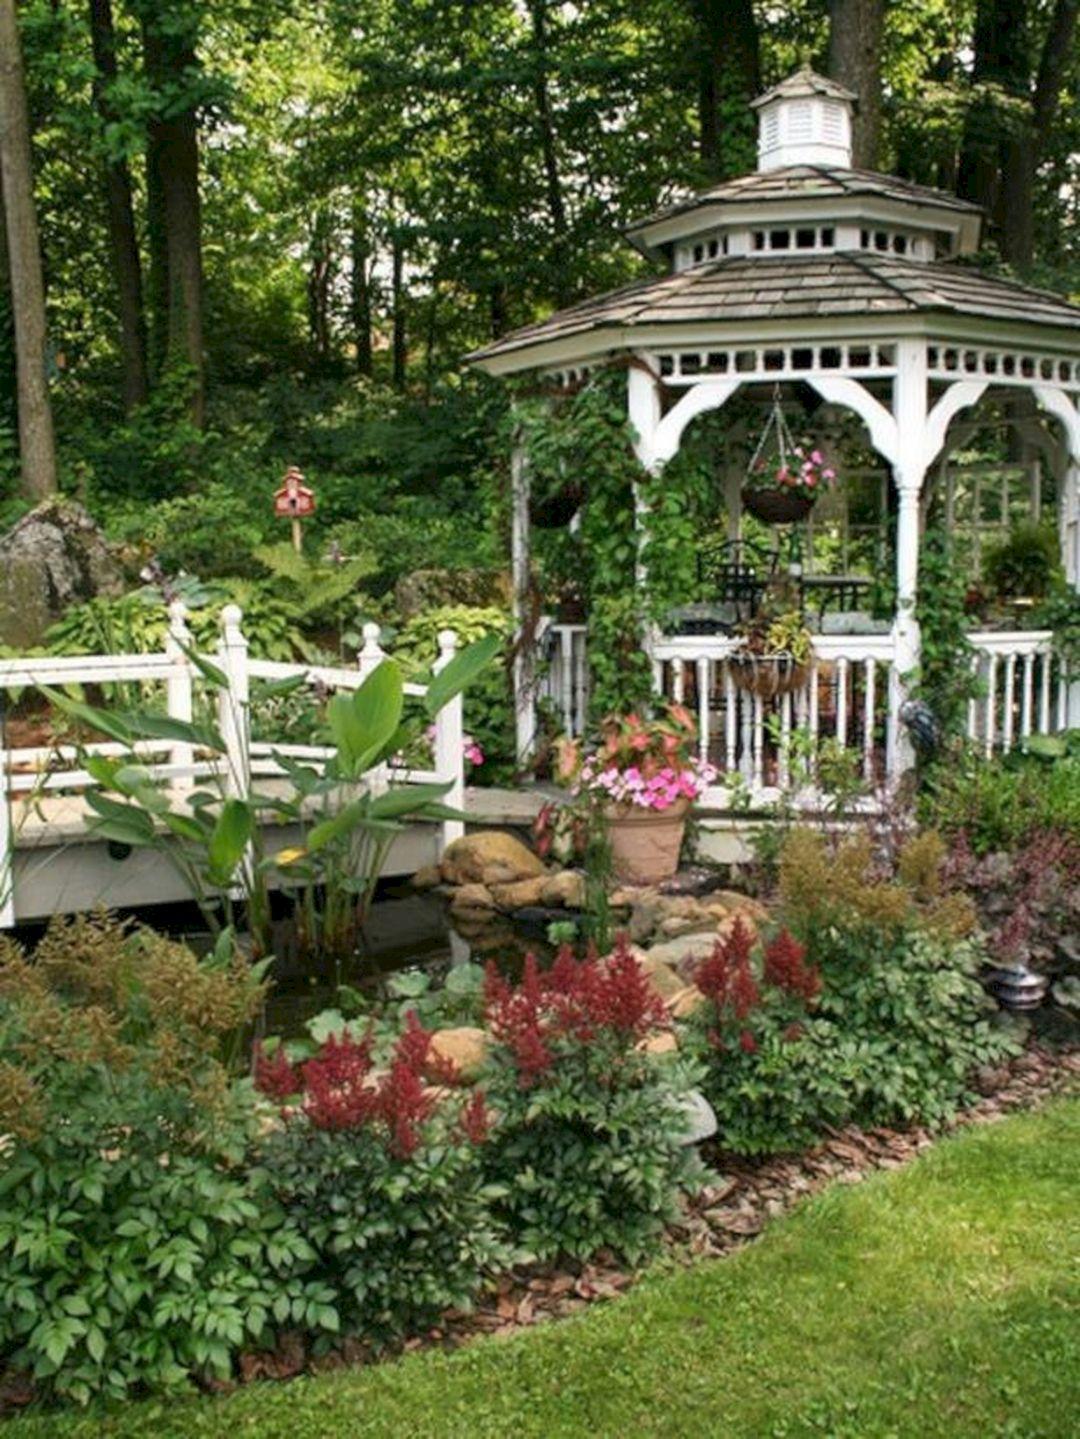 Backyard Flower Garden With Gazebo 27